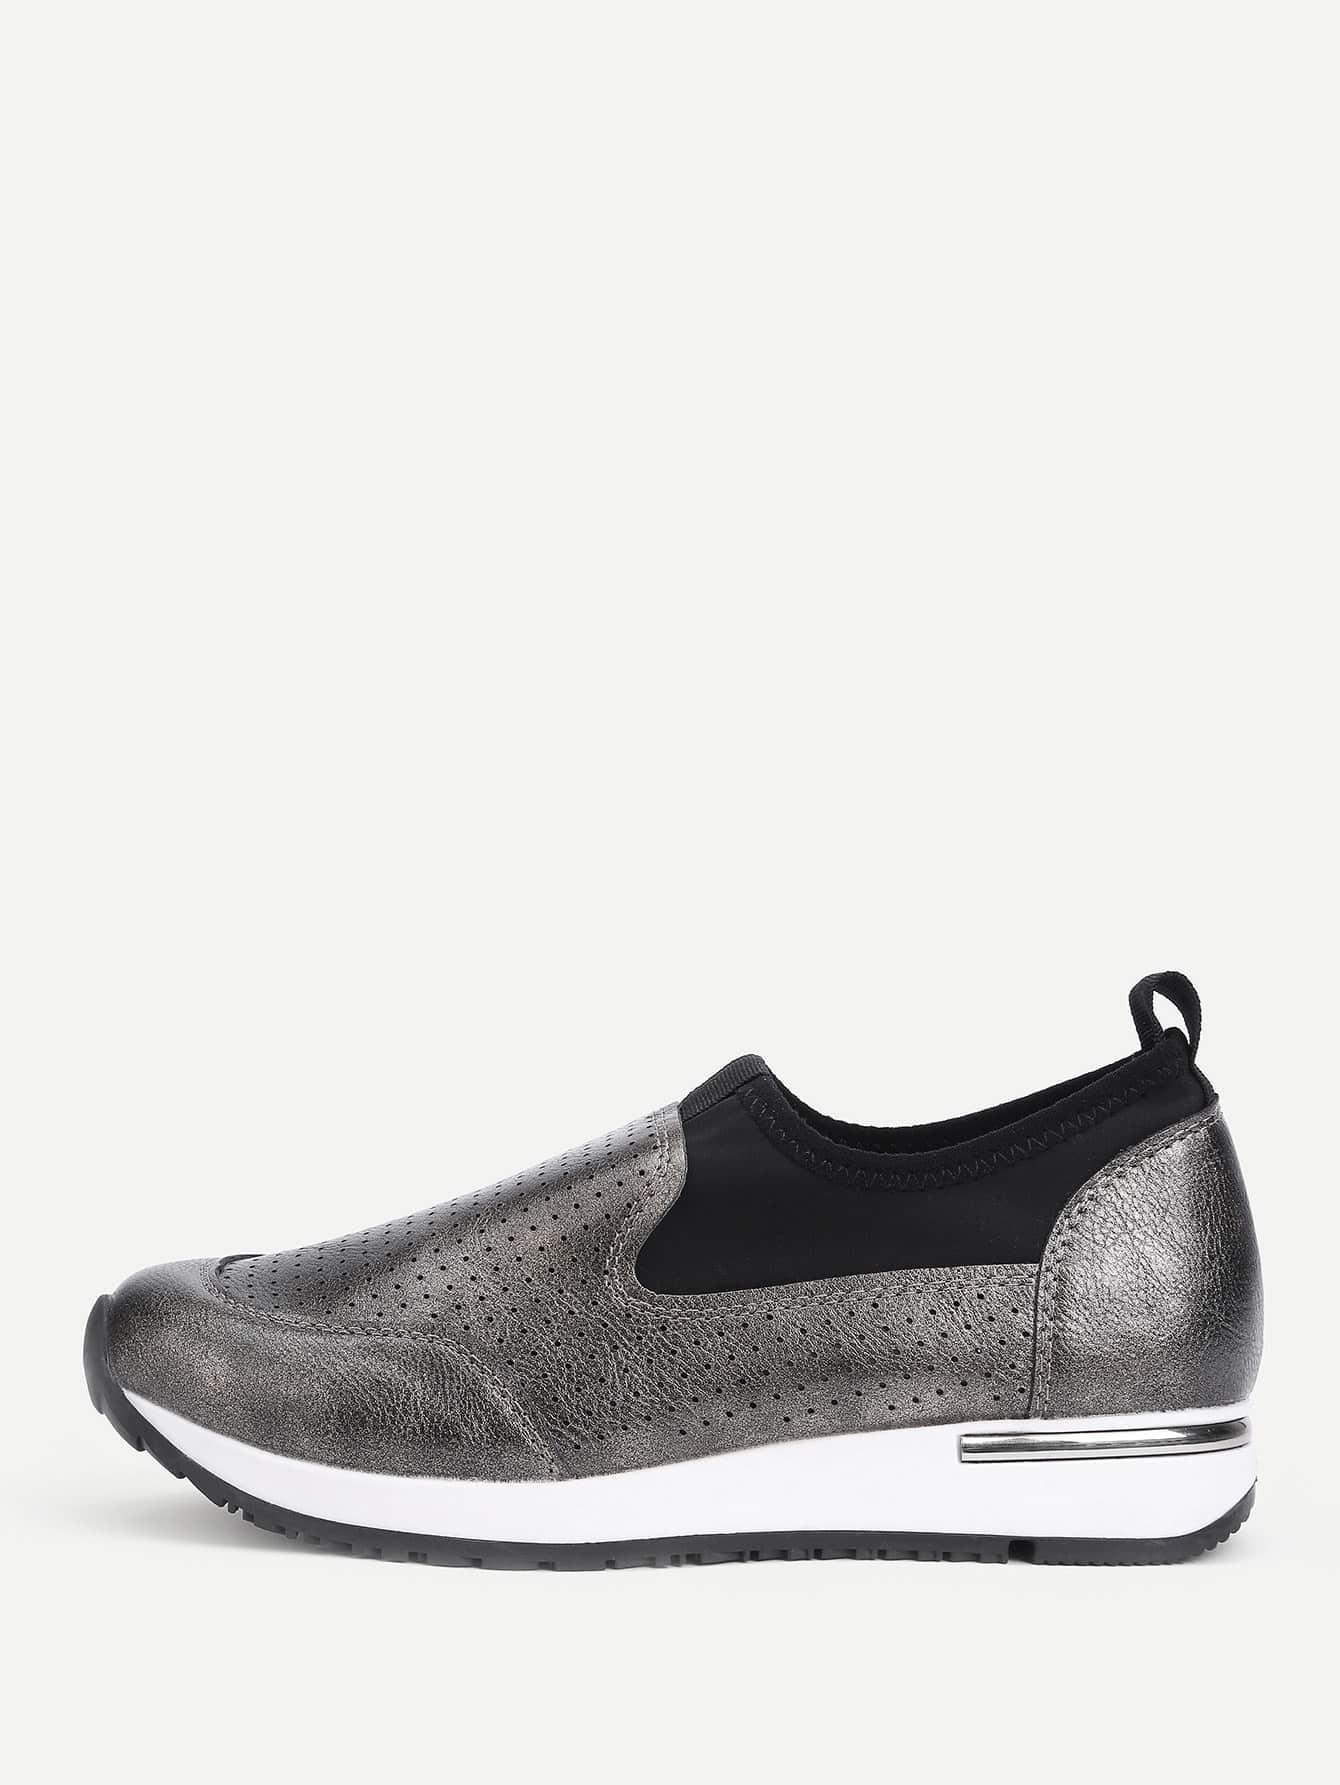 Low Top Slip On PU Sneakers